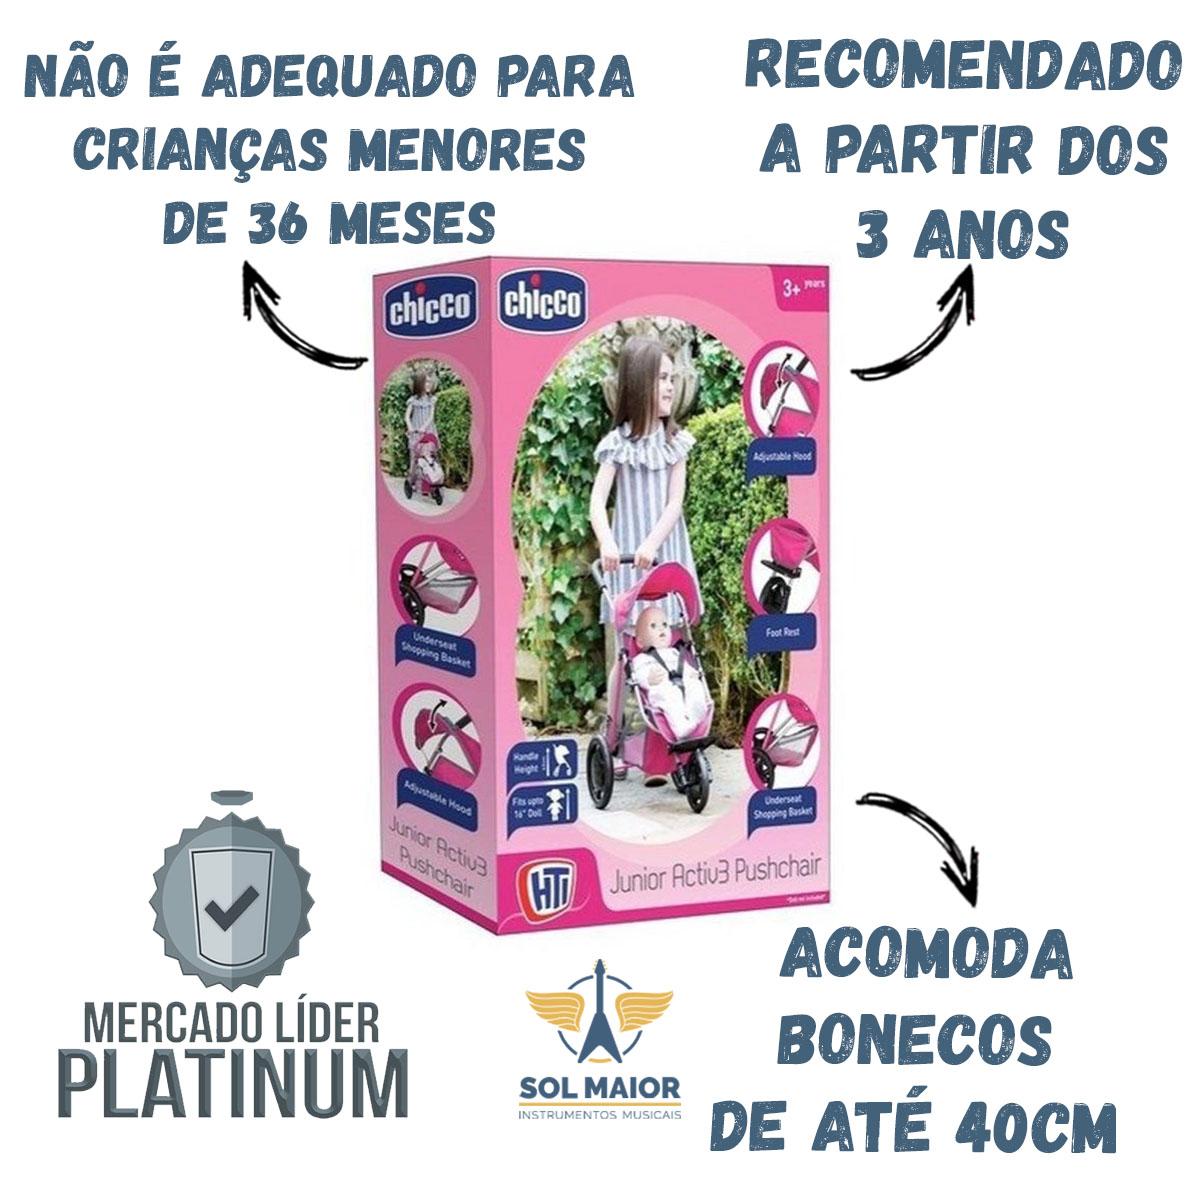 Carrinho Junior Active Pushchair Rosa - Chicco